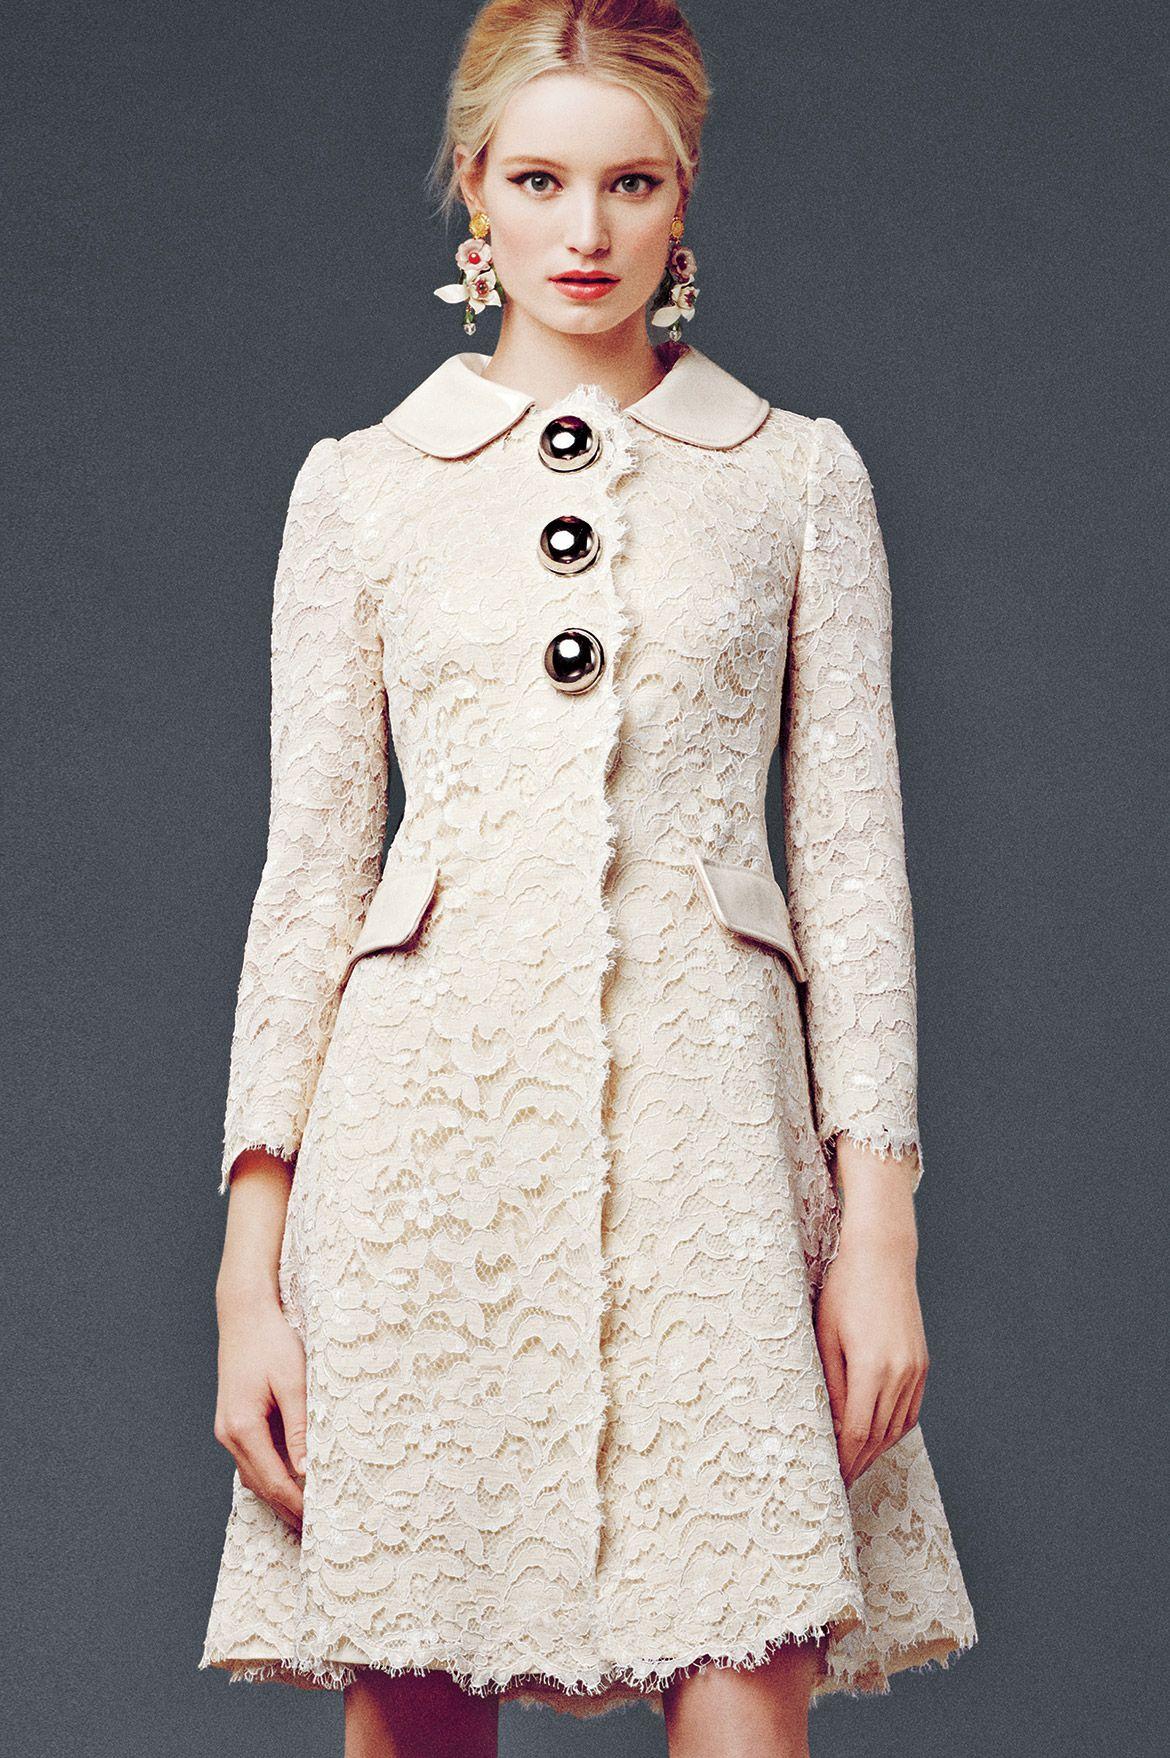 separation shoes be1b4 986c0 Dolce & Gabbana – Abbigliamento Donna Autunno Inverno 2014 ...